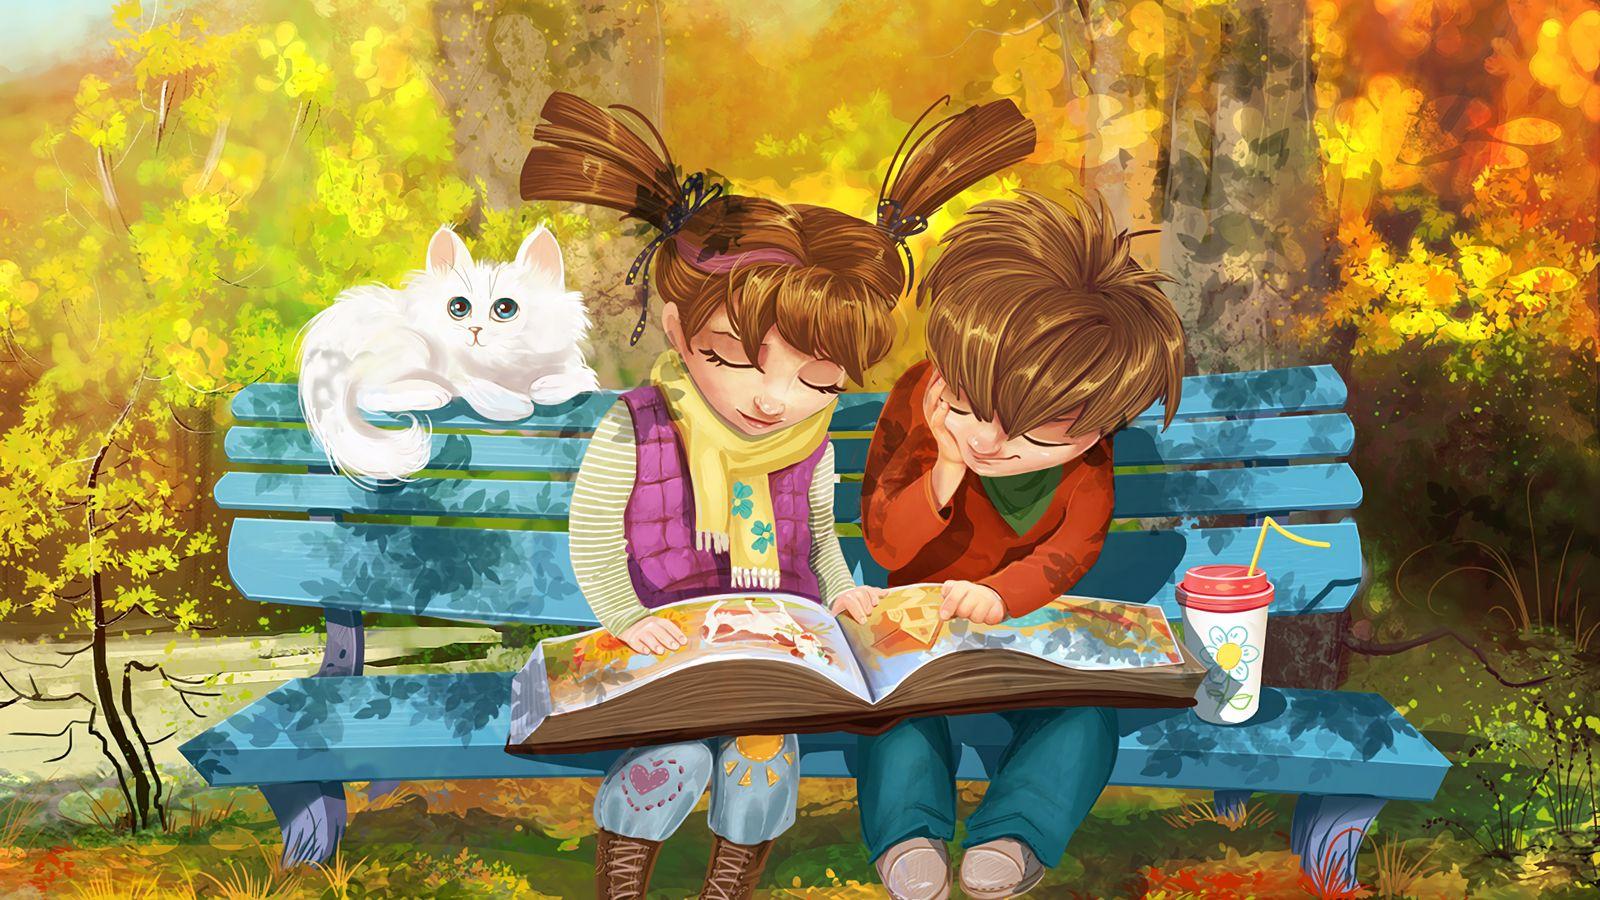 1600x900 Wallpaper boy, girl, cat, bench, park, cute